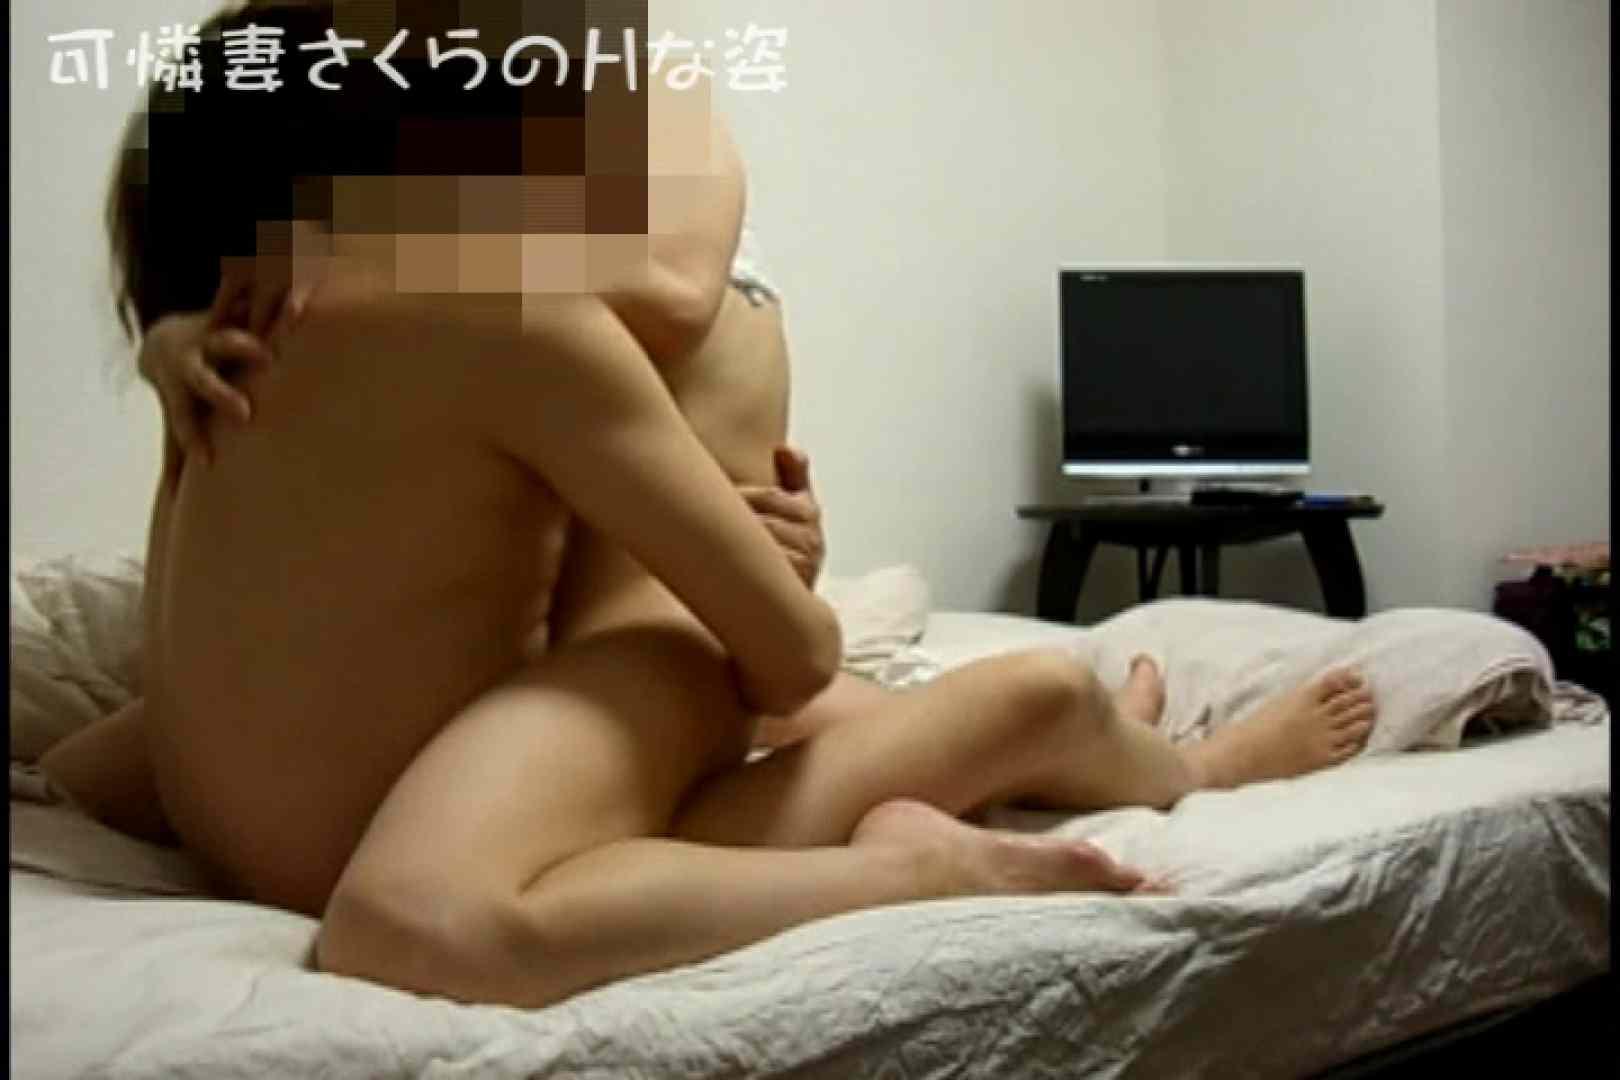 可憐妻さくらのHな姿vol.4後編 セックス  72pic 62